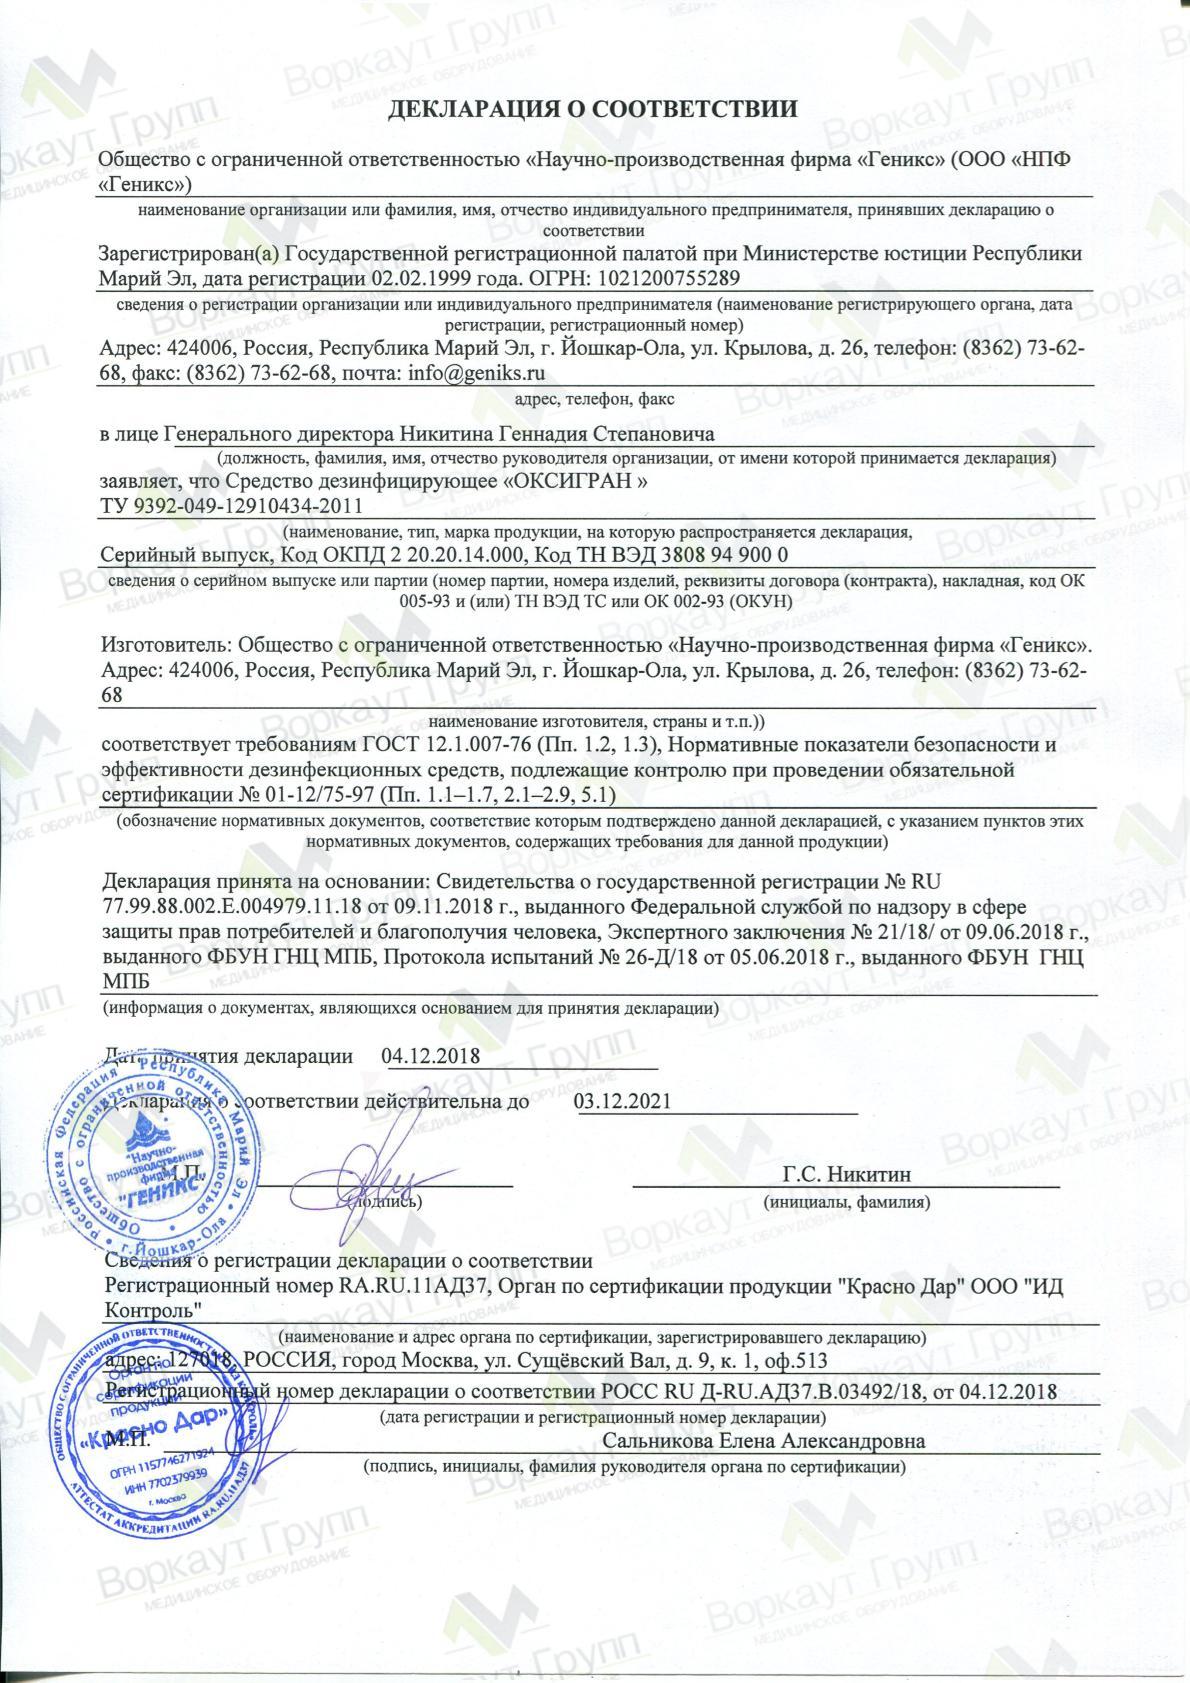 Ника-ОКСИГРАН (декларация)